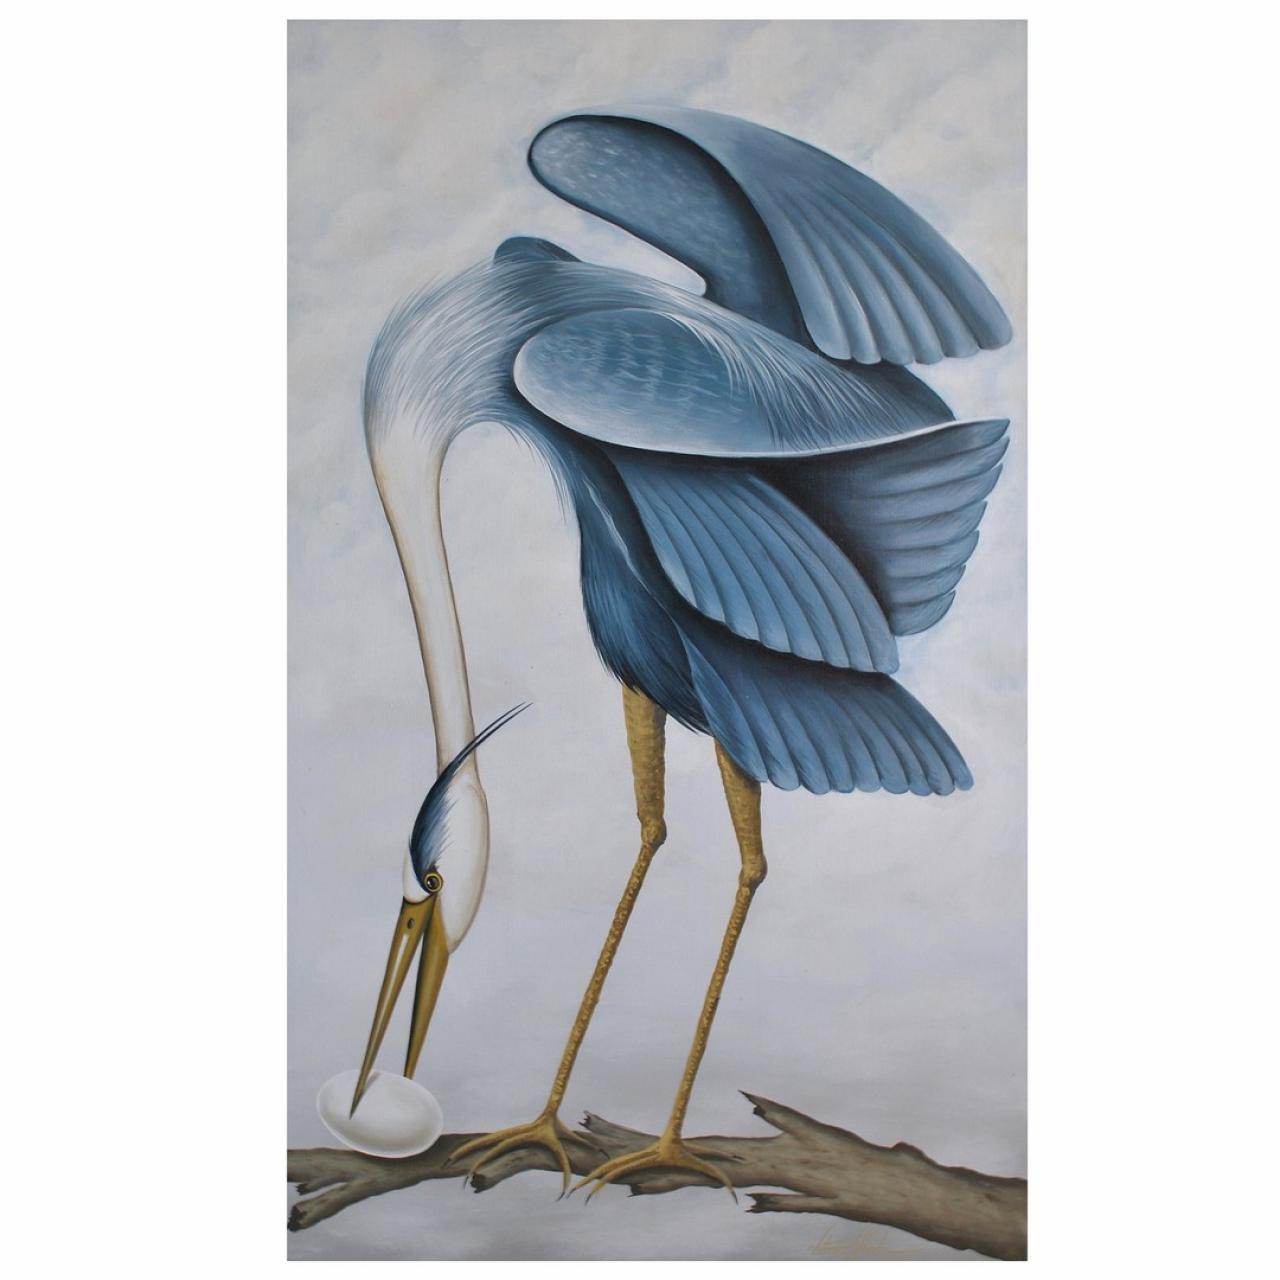 KRAVET Heron Painting 2